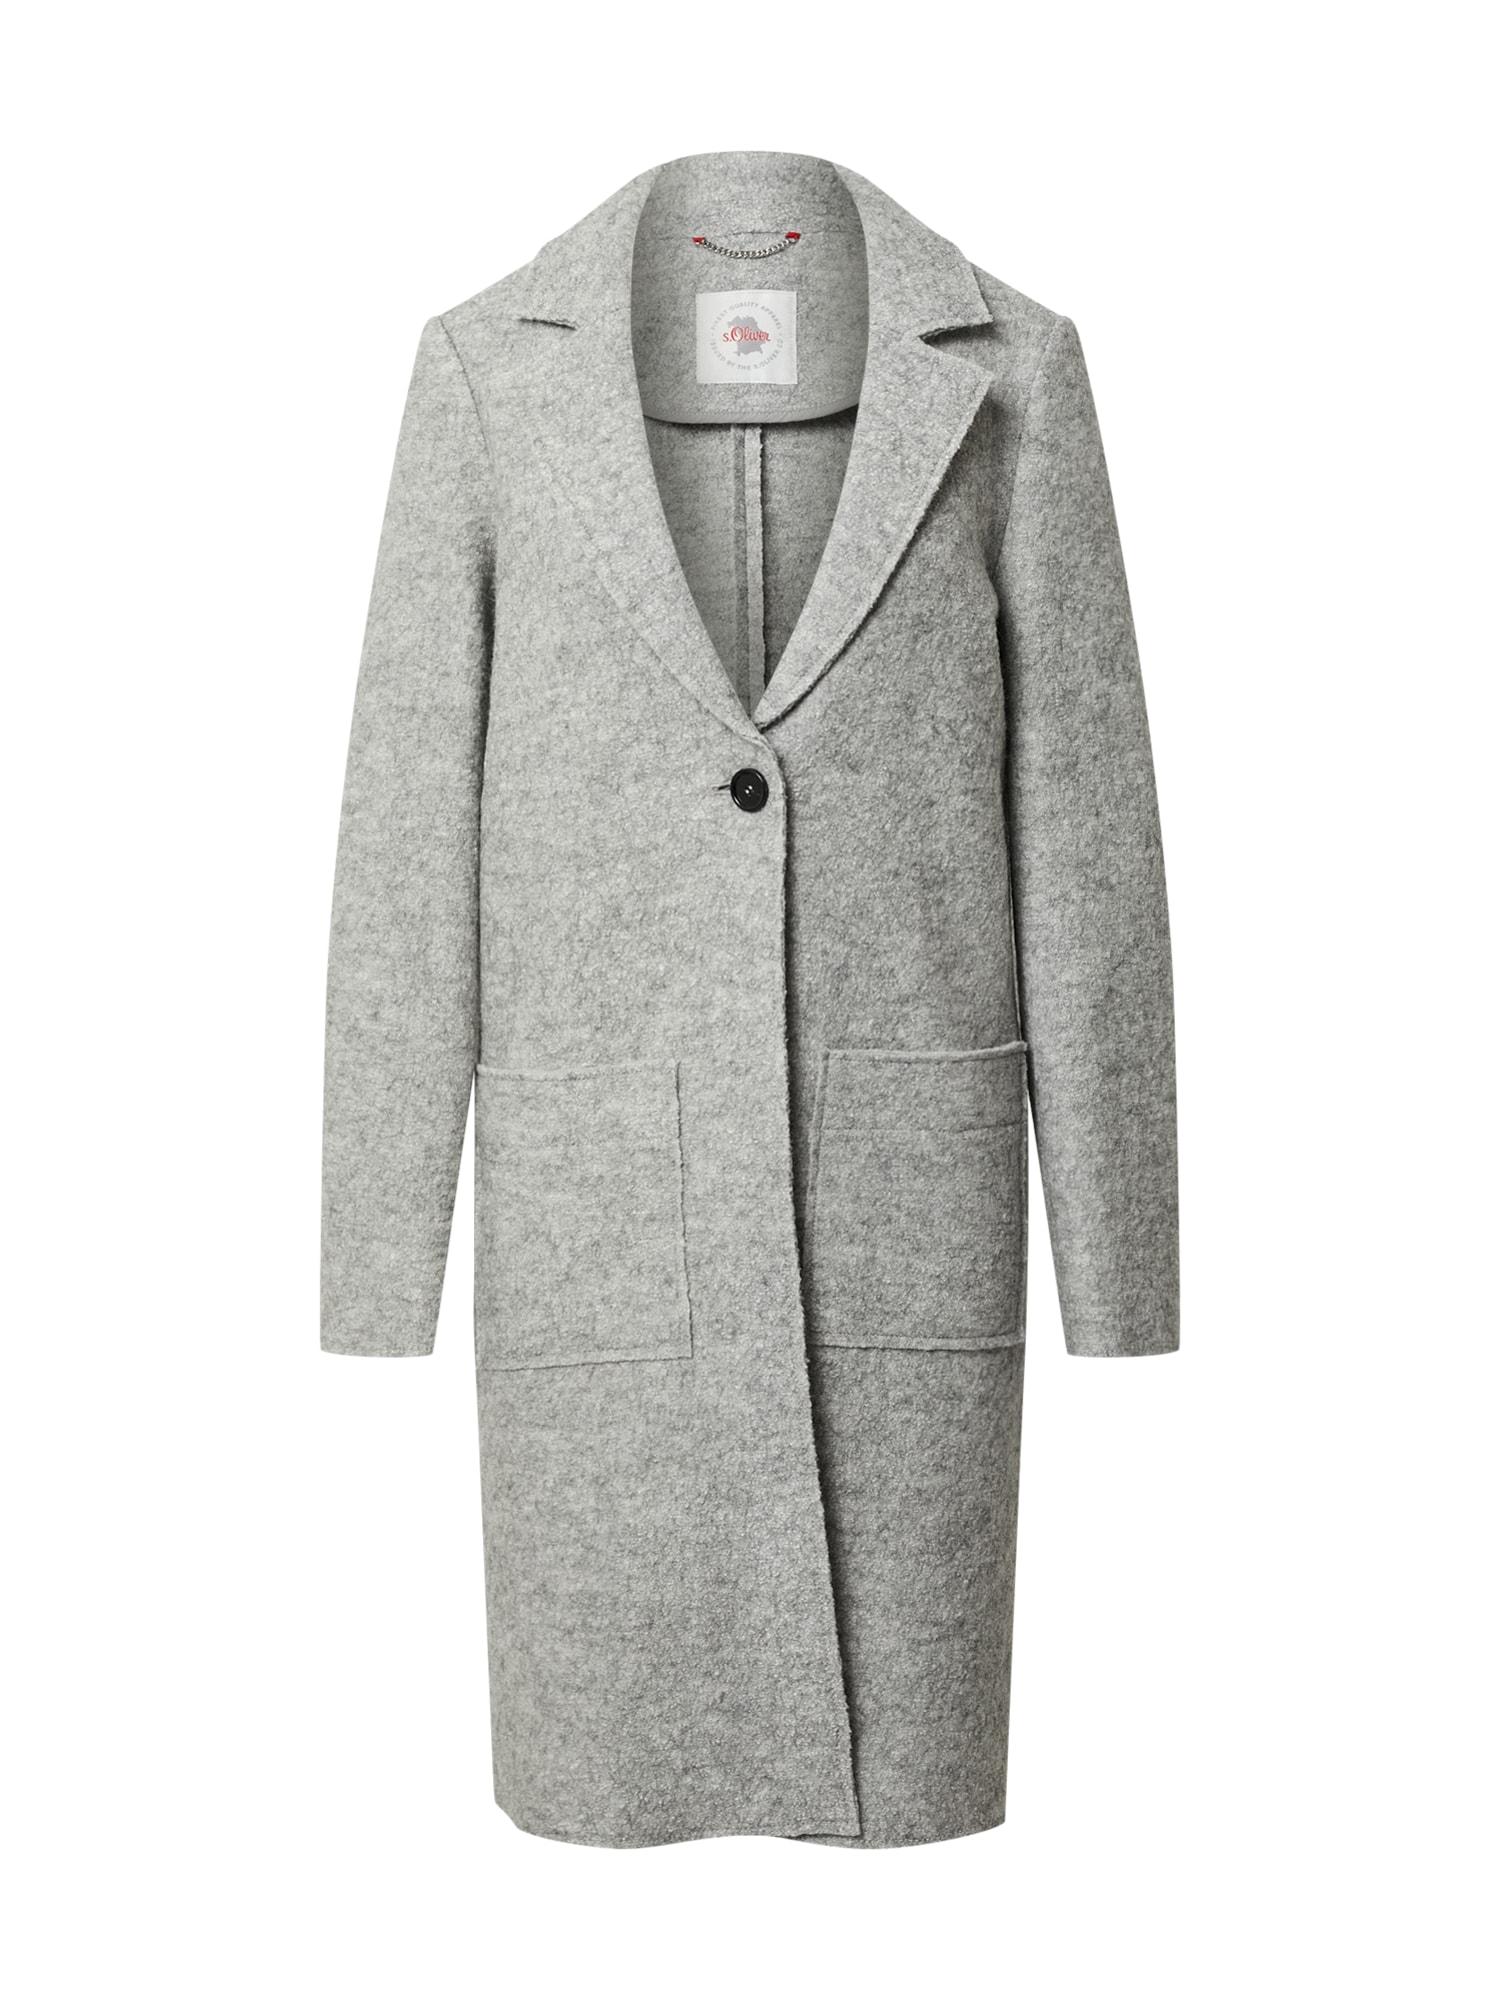 s.Oliver Přechodný kabát  šedý melír